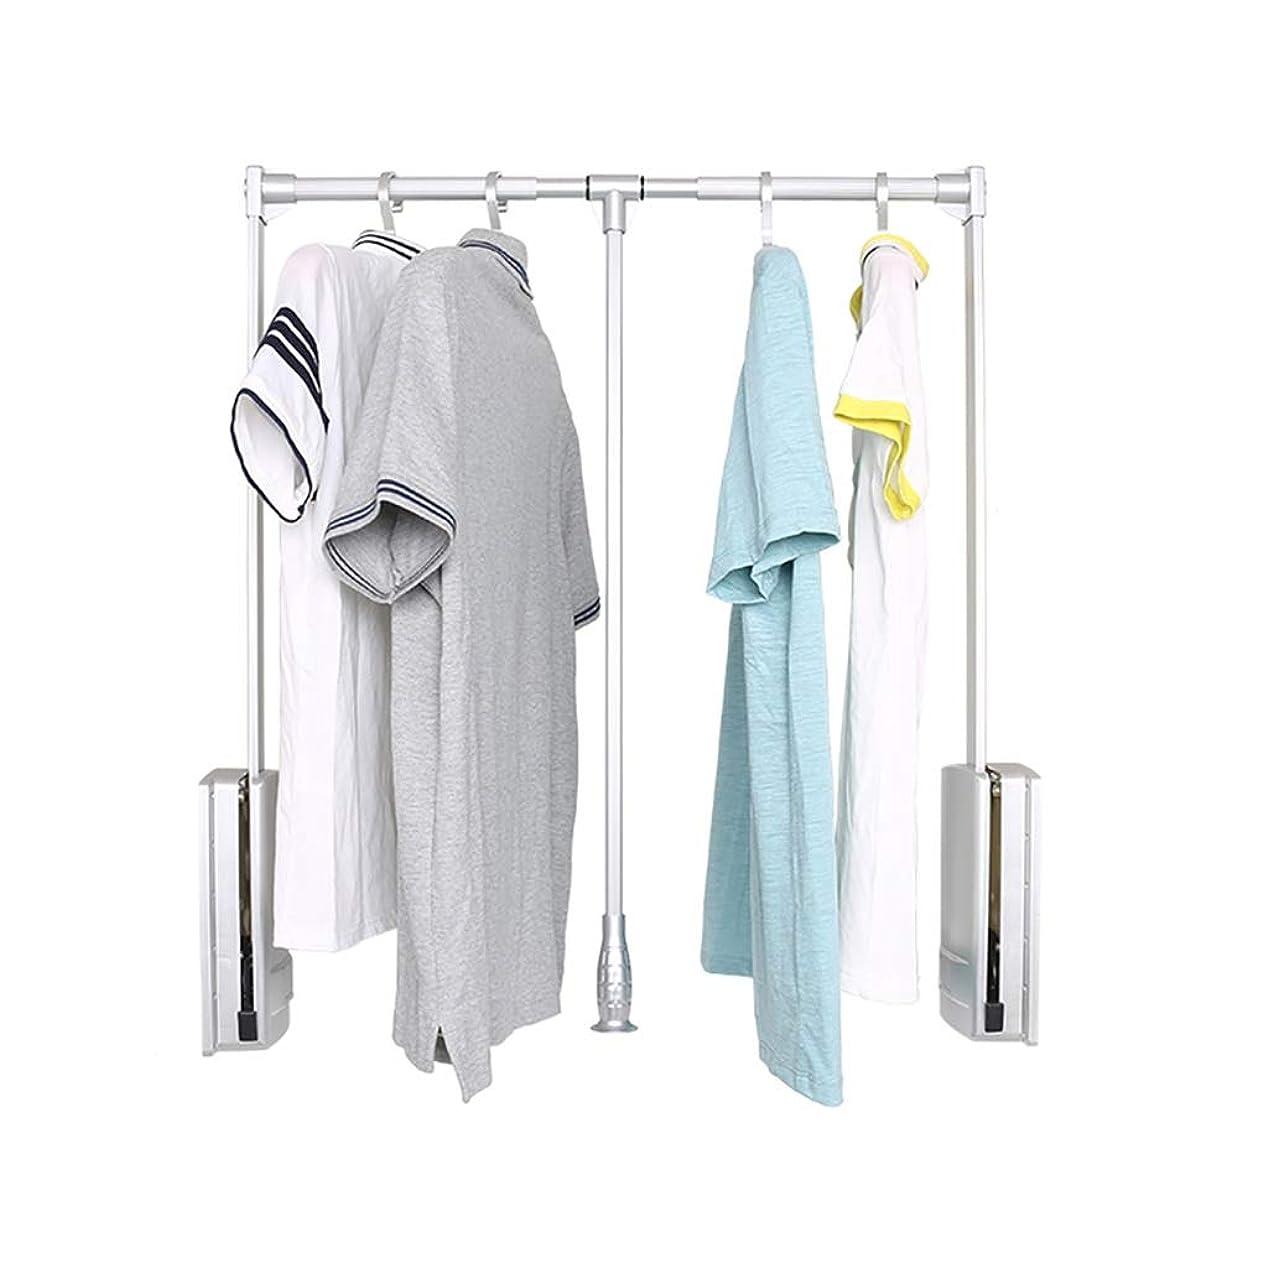 症候群取るに足らないアルコーブハンガーラック 洋服ハンガーを持ち上げるワードローブ、クローゼットの中に自動ハンガー、プルダウン調整幅のハンガーレール、ハンガー、伸縮ロッド,バッファの設計をダンピング (Size : 530-670mm)